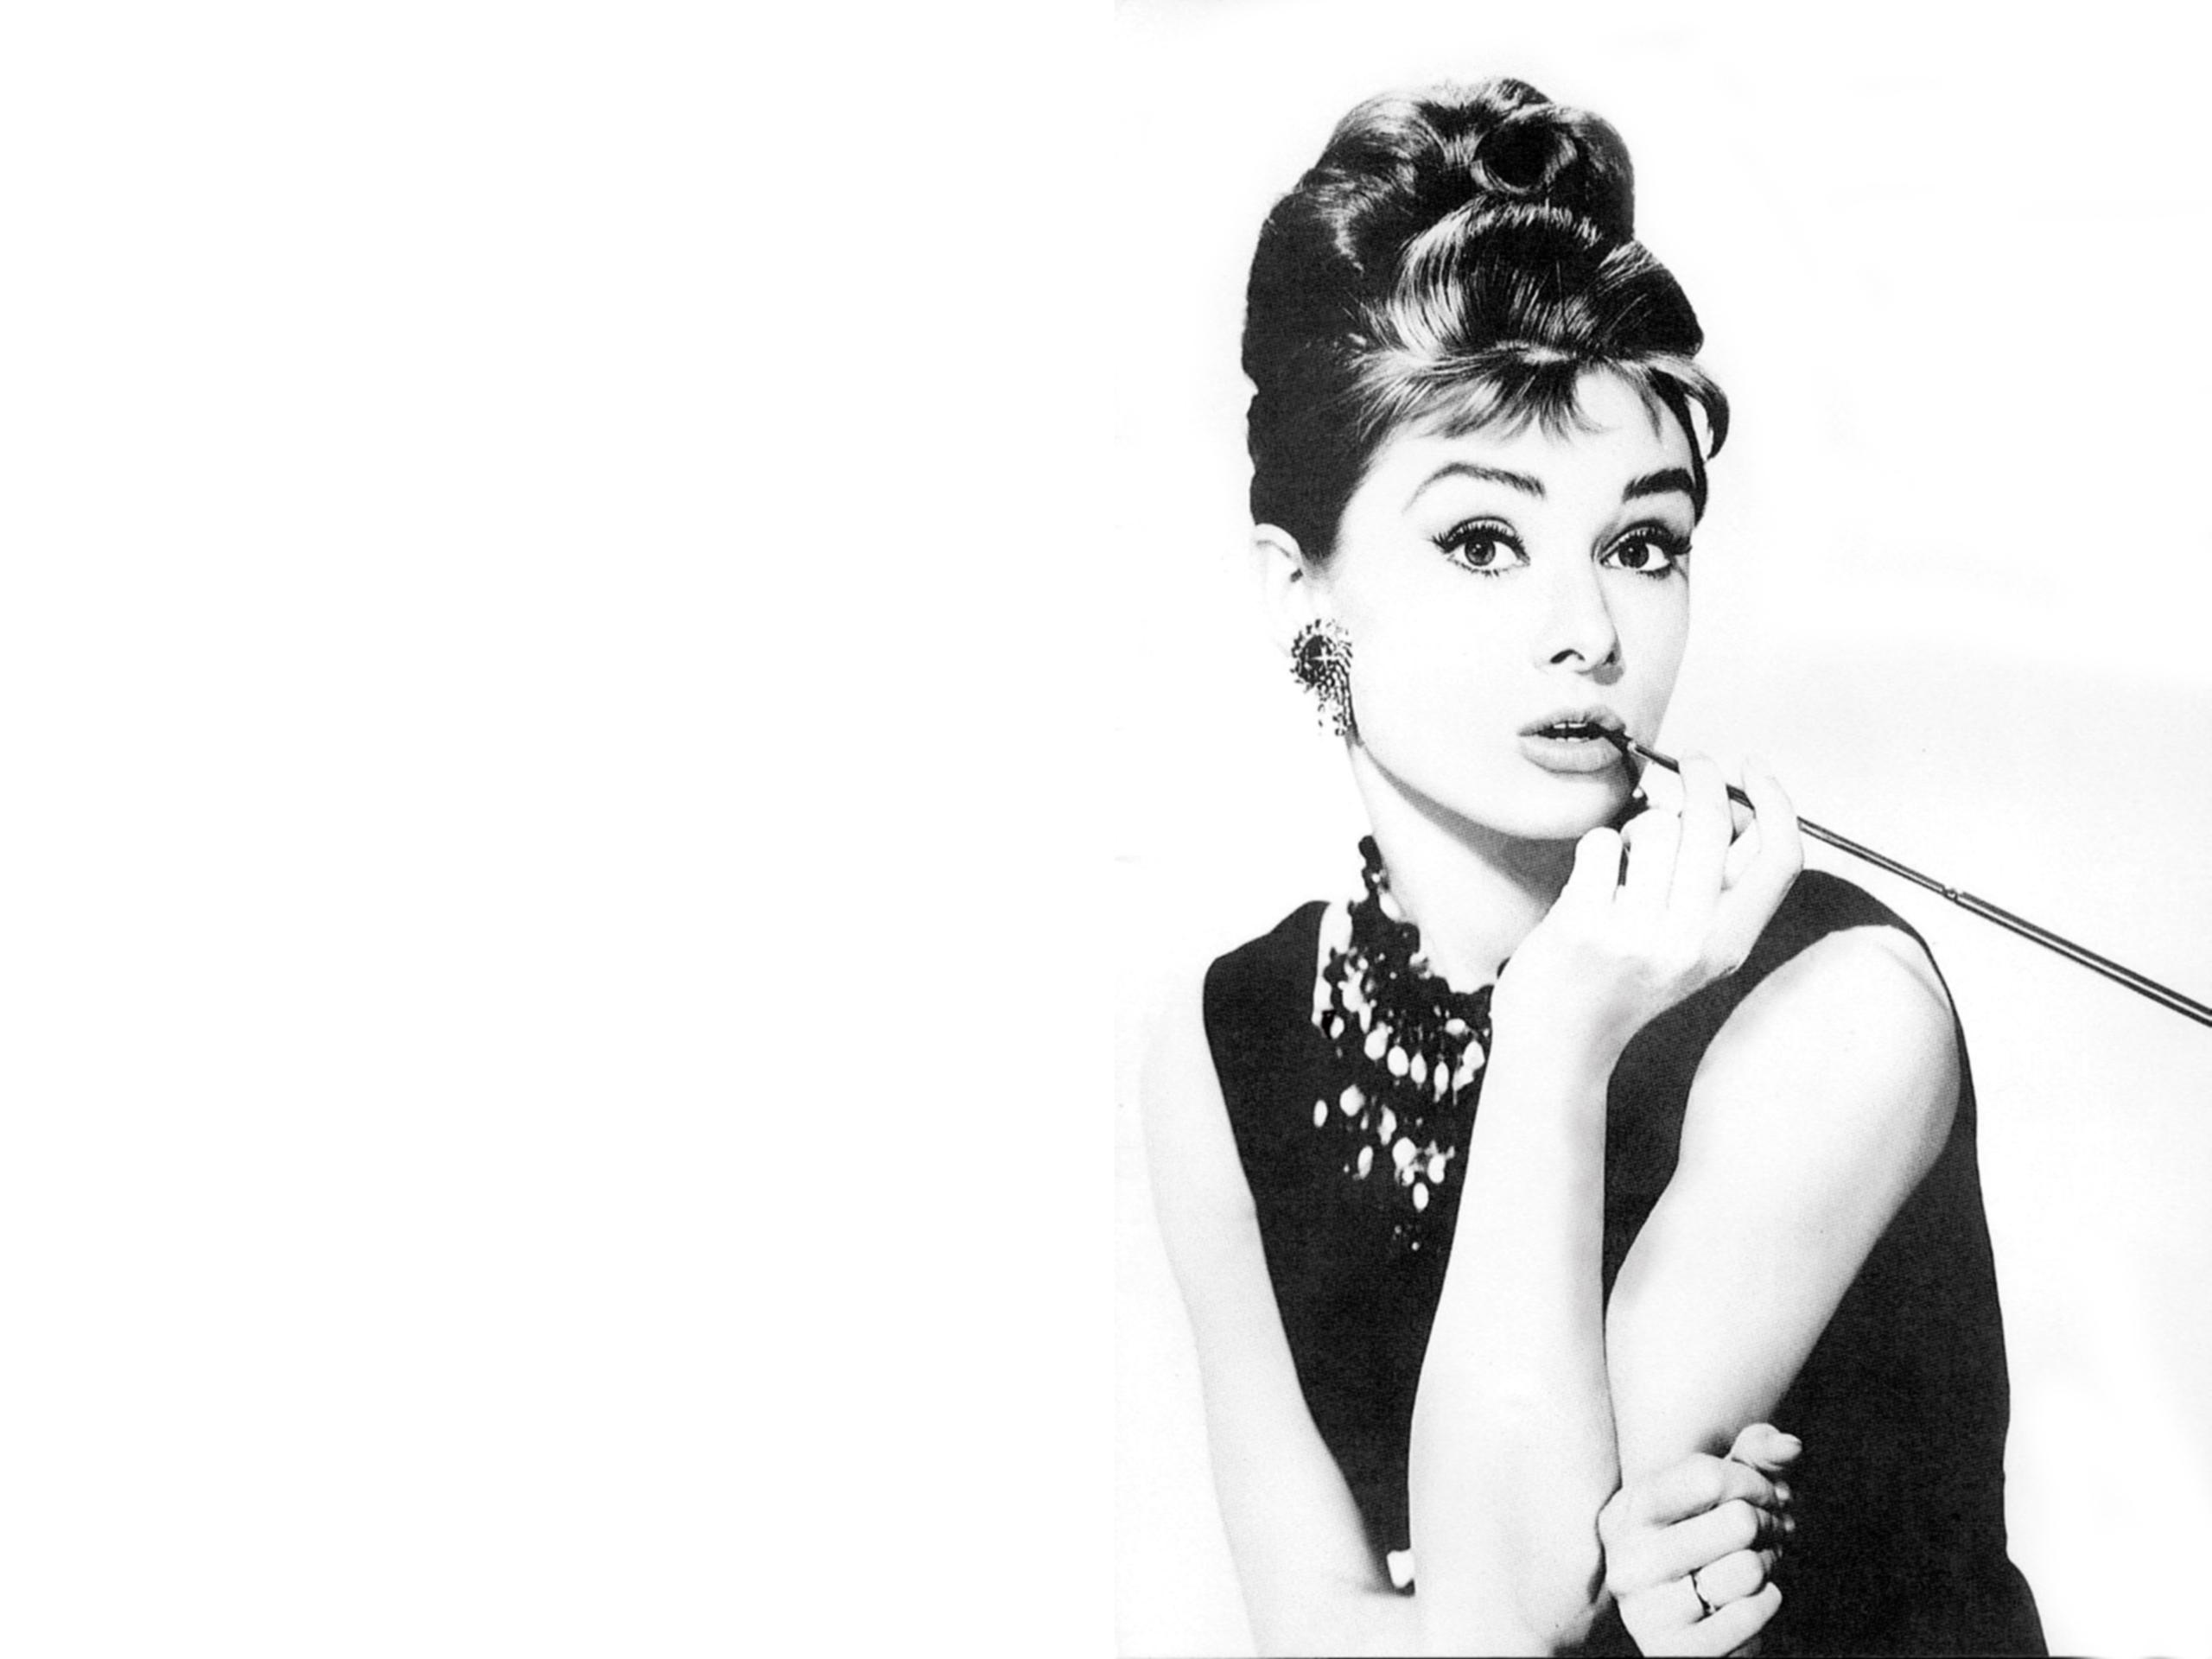 Free Audrey Hepburn Wallpaper